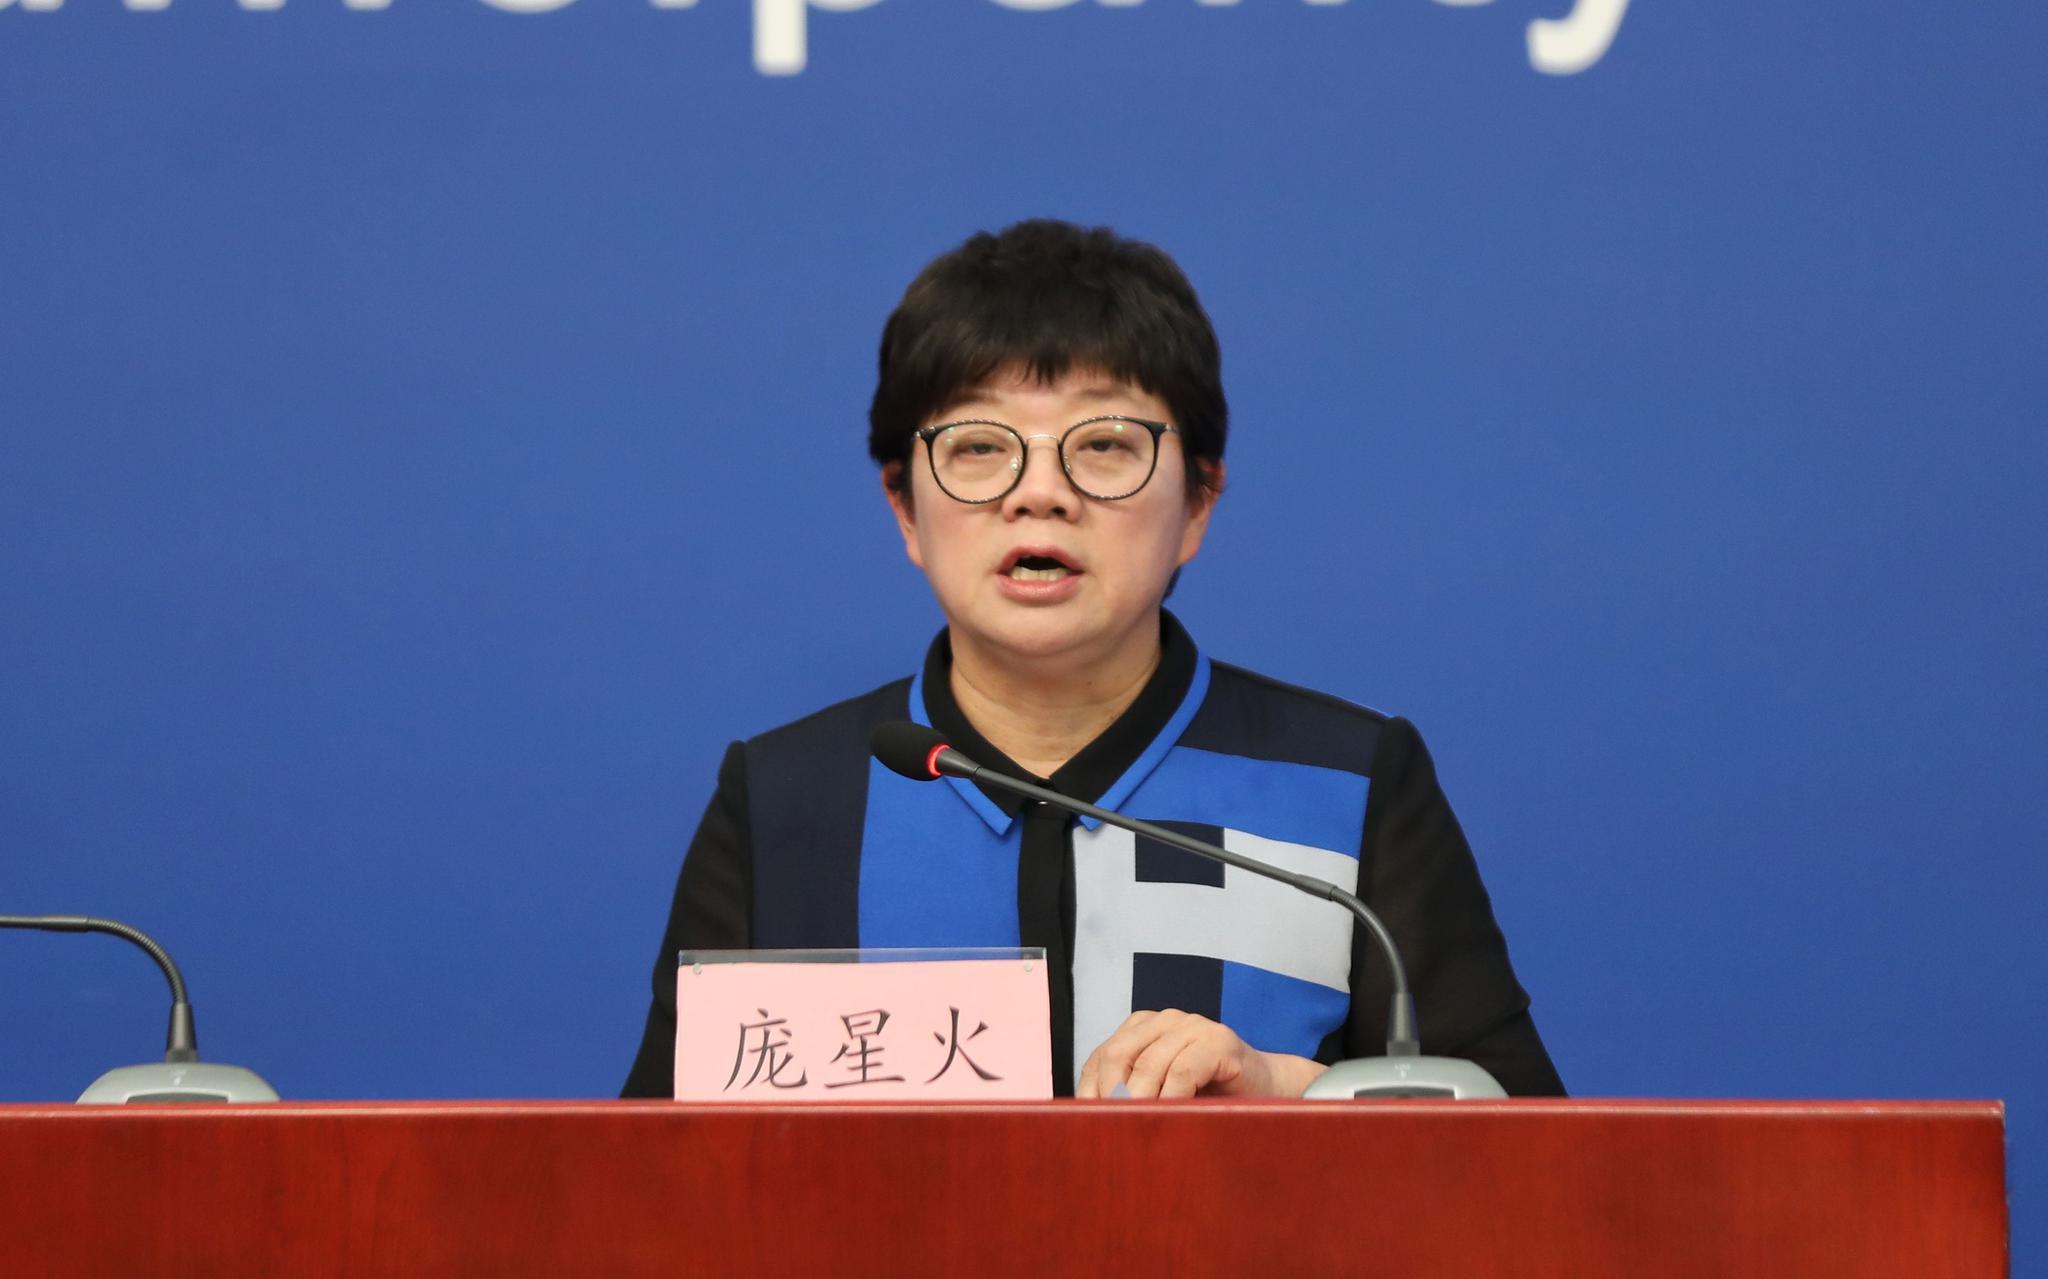 北京市疾控中心通报:多名新冠患者通过疫情溯源采样确诊图片